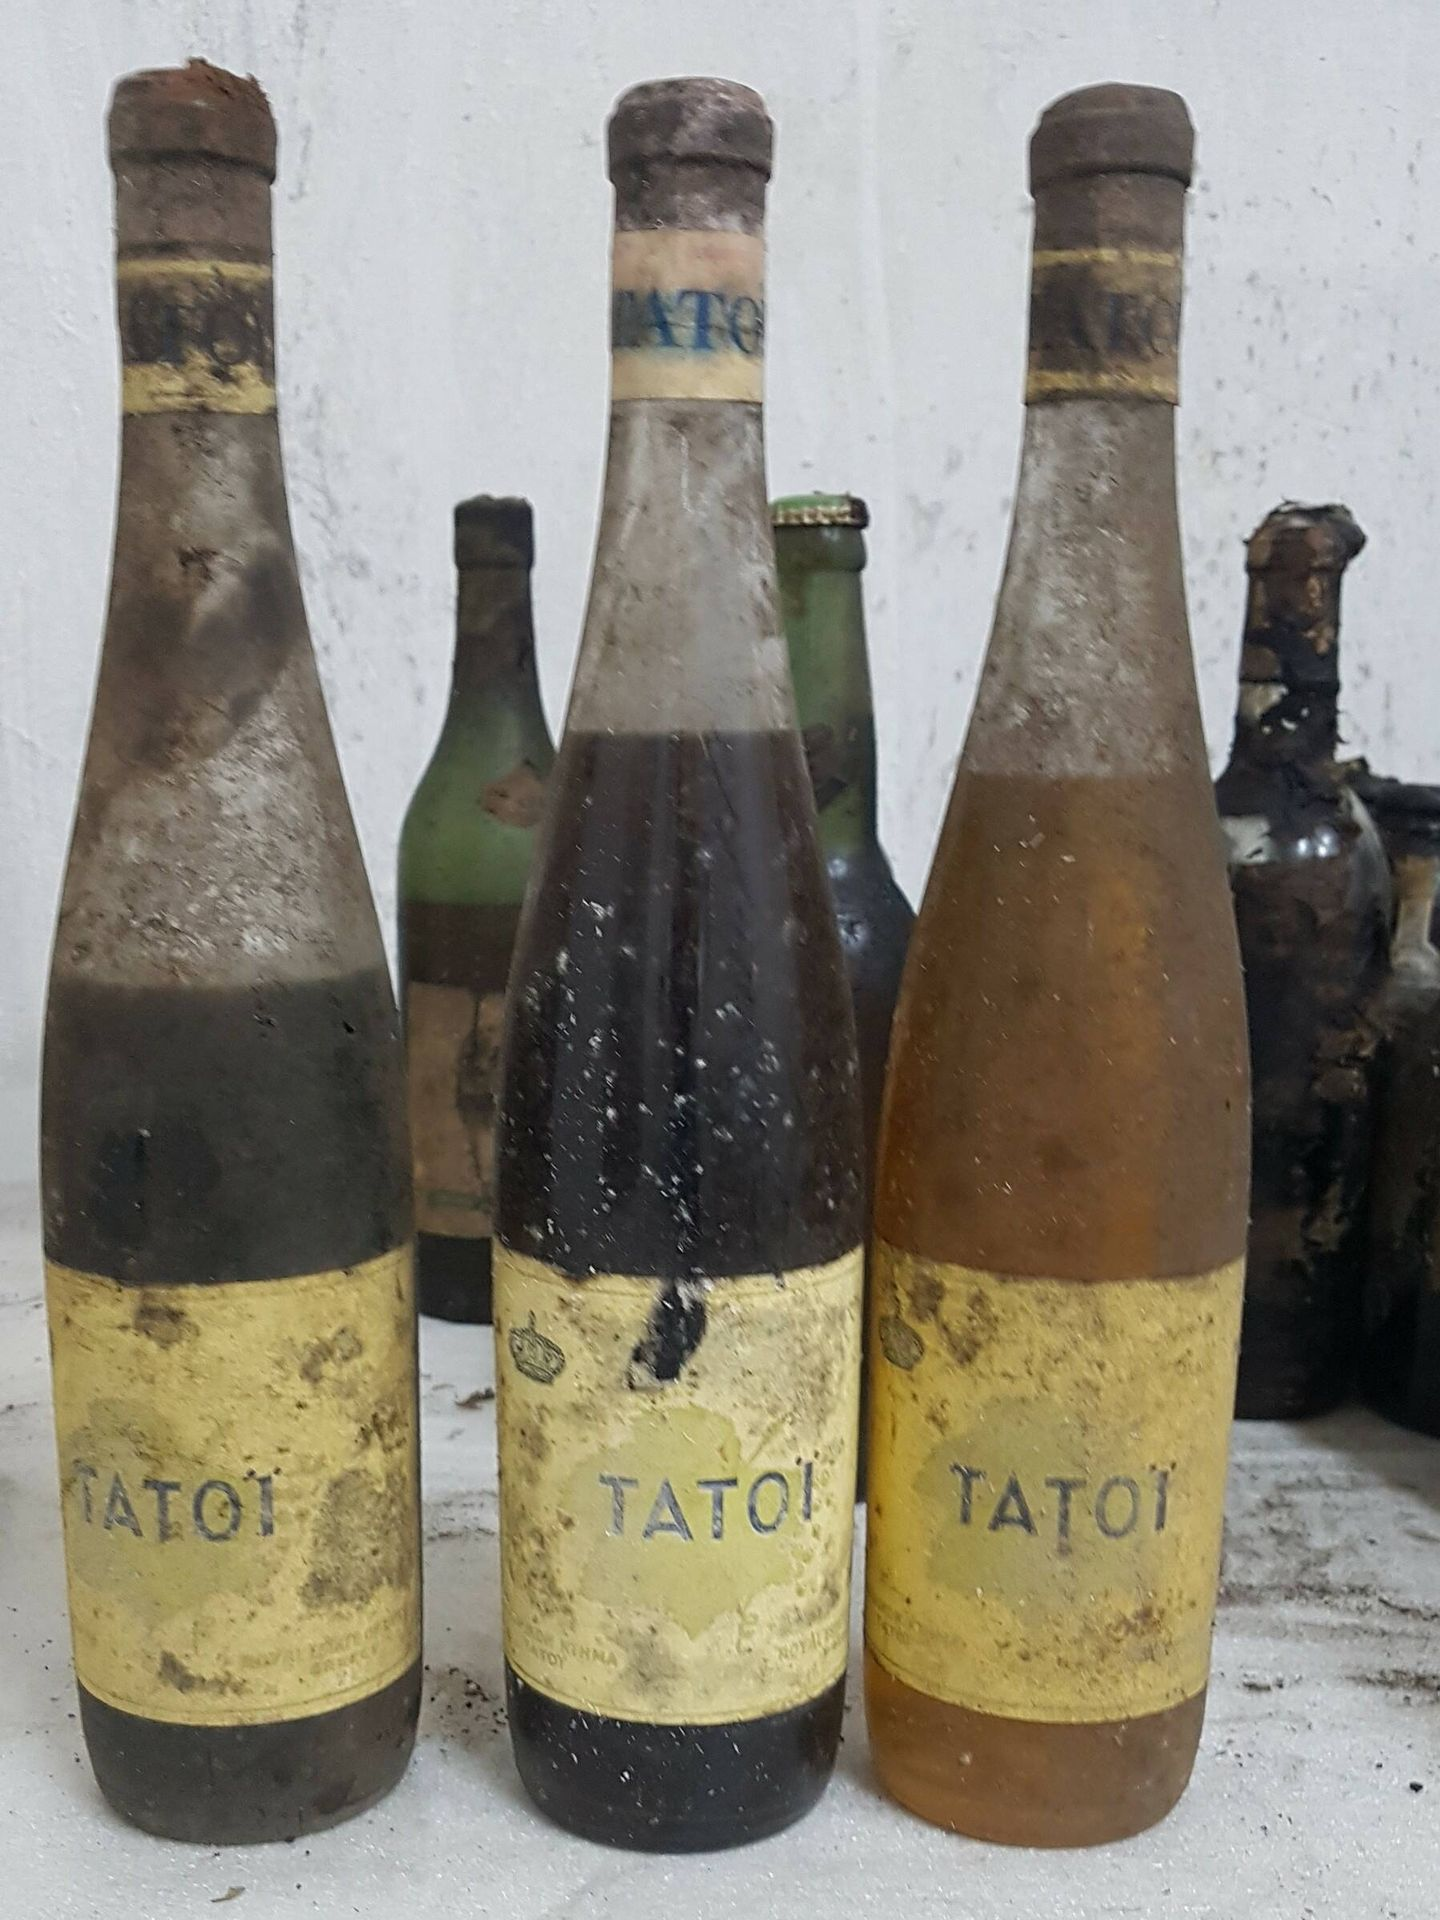 Algunos de los vinos encontrados. (Ministerio de Cultura griego)